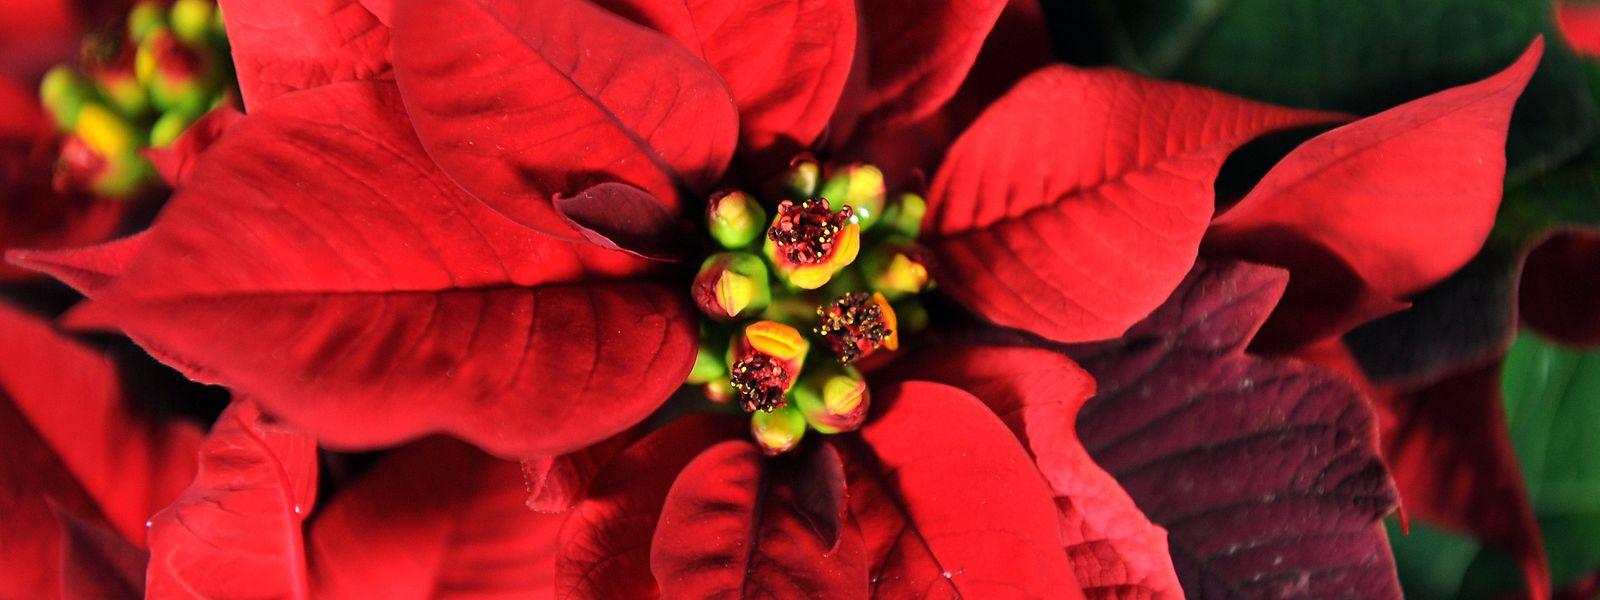 Nicht das Rot, sondern die gelben, vergleichsweise unscheinbaren Tupfen in der Mitte sind die Blüten des Weihnachtssterns. Bei den roten Blättern handelt es sich lediglich um eingefärbtes Laub.